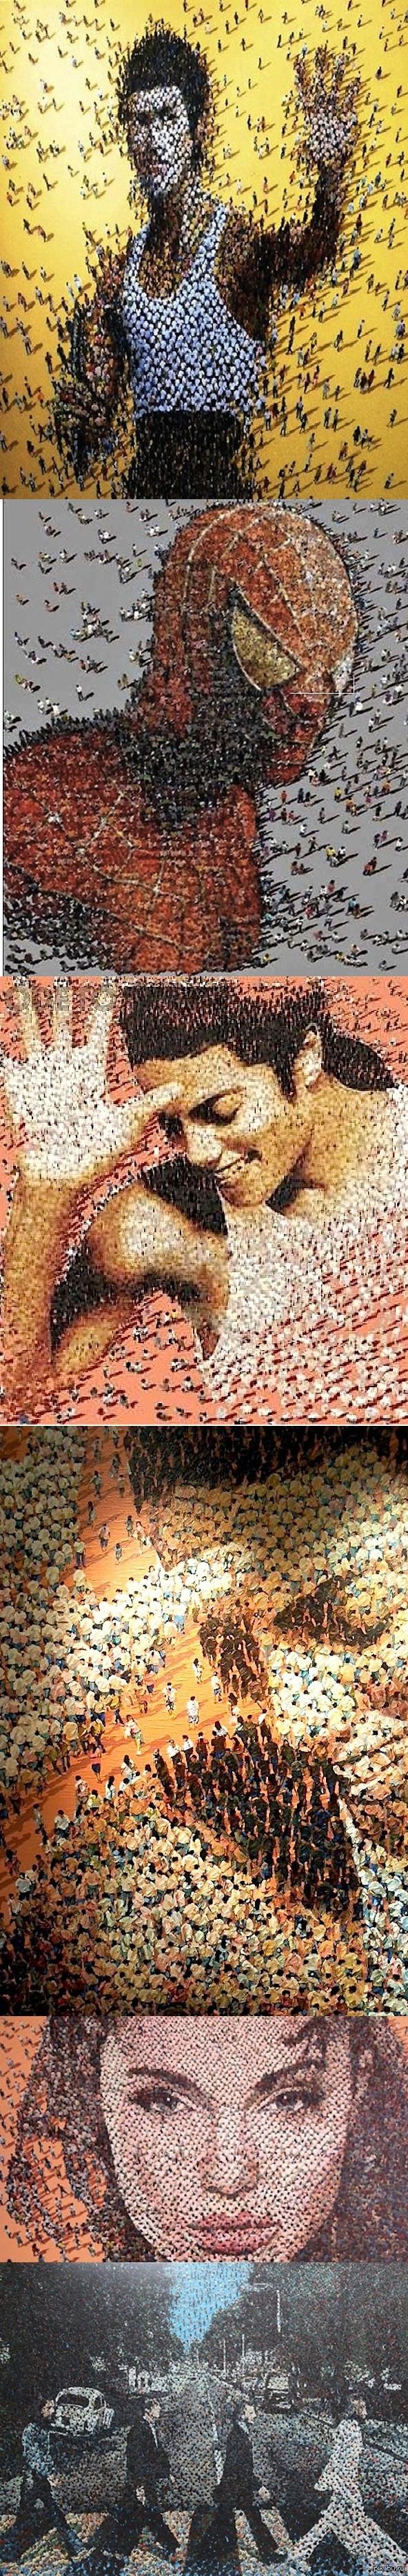 Портреты знаменитостей...из людей Художник по имени Syaiful A. Rachman решил попробовать создать картины из людей.